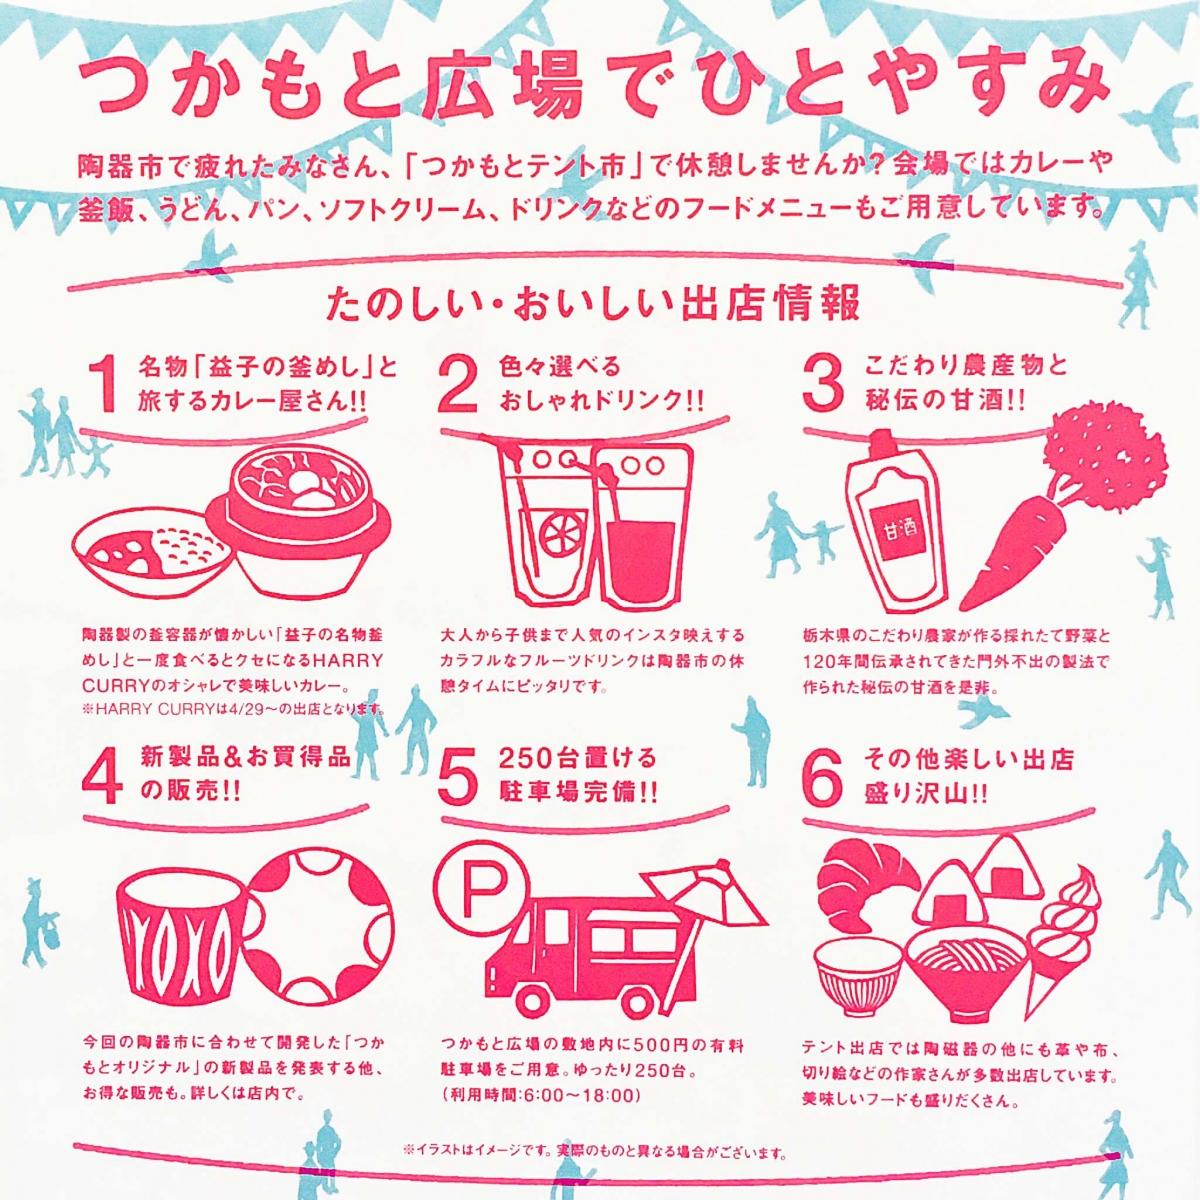 tsukamoto_tentoichi_chirashi2